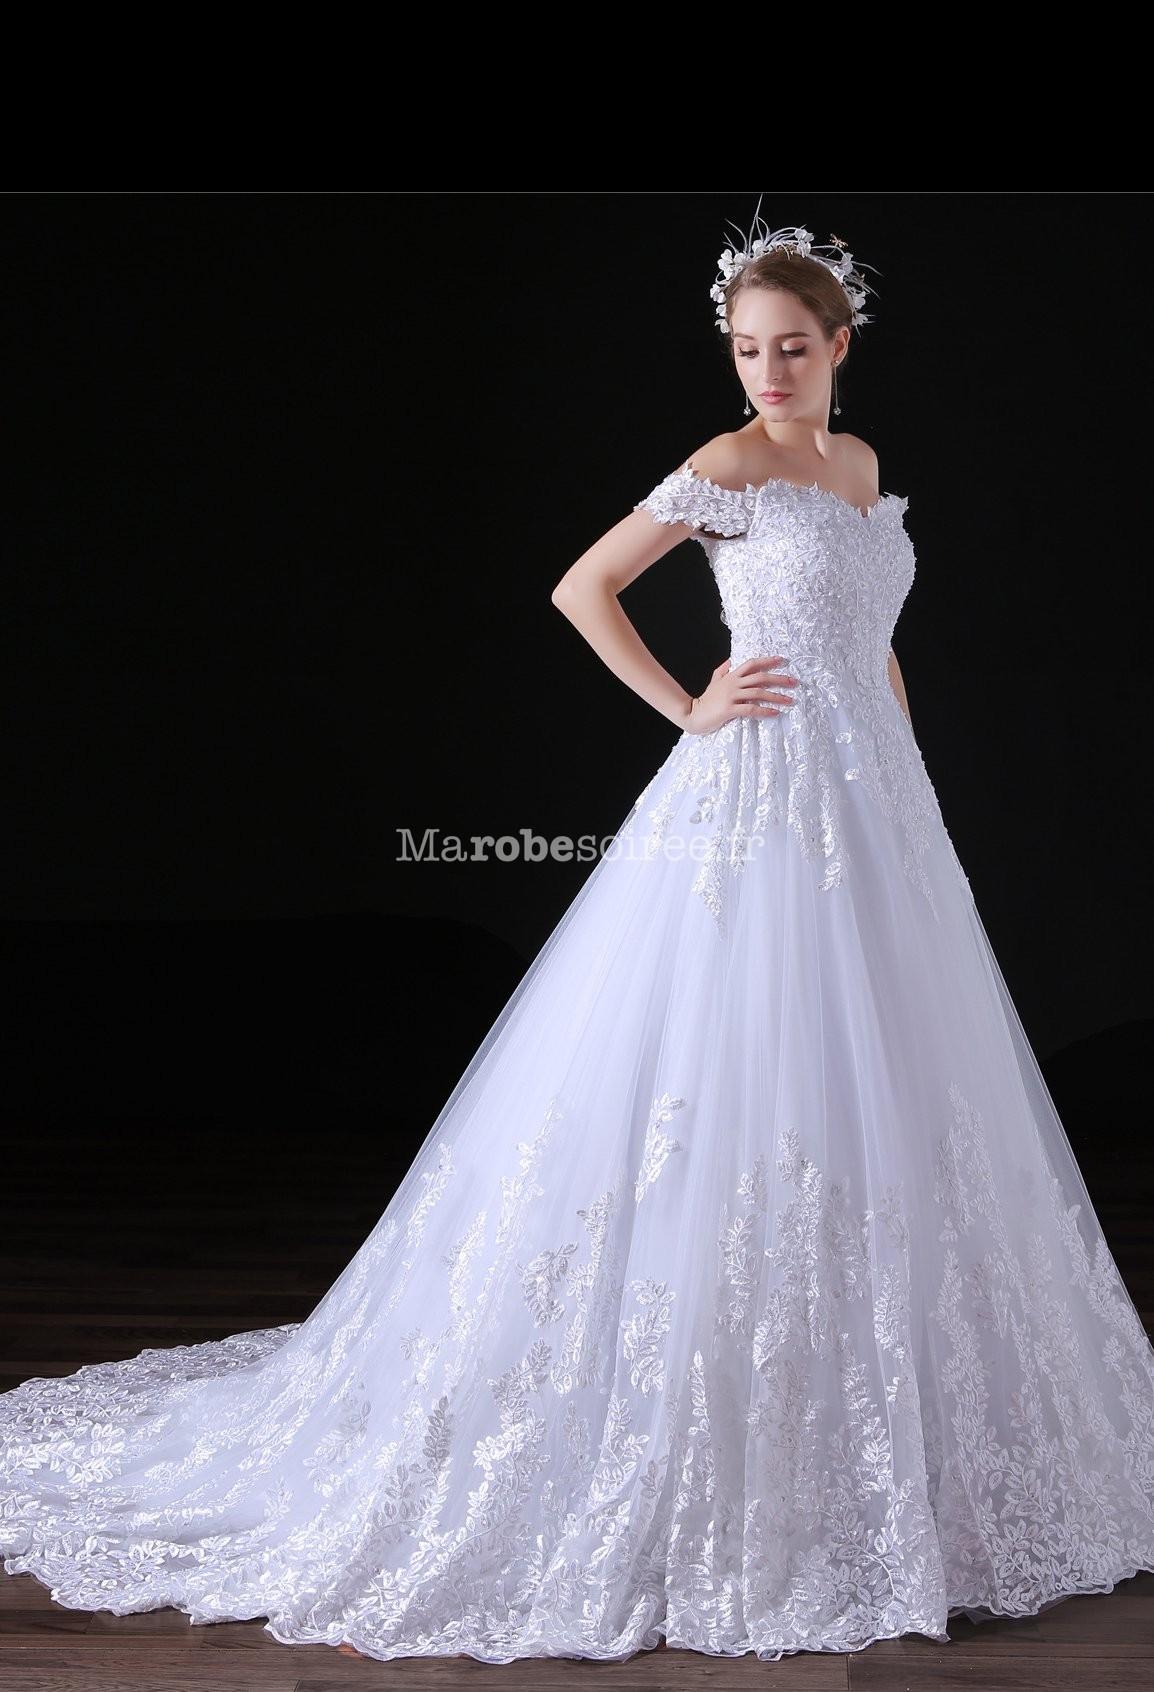 moins cher grande collection comment trouver Robe de mariée bretelles tombantes